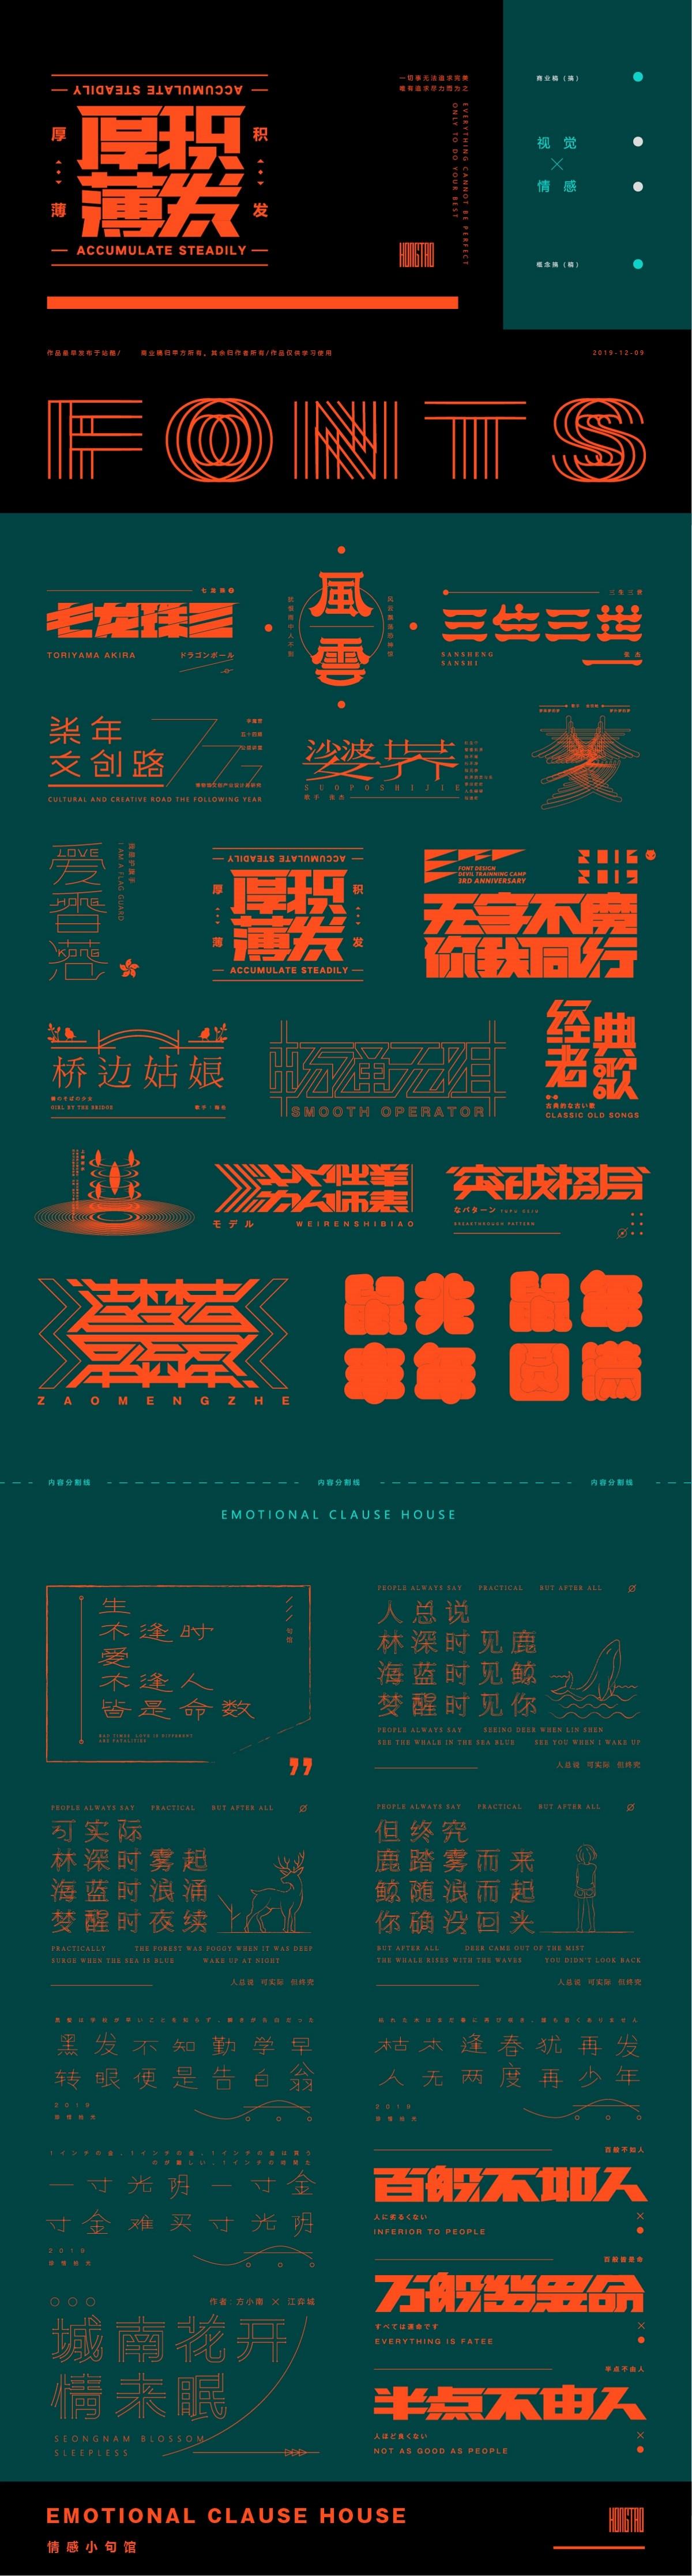 字体选集-TYPEFACE